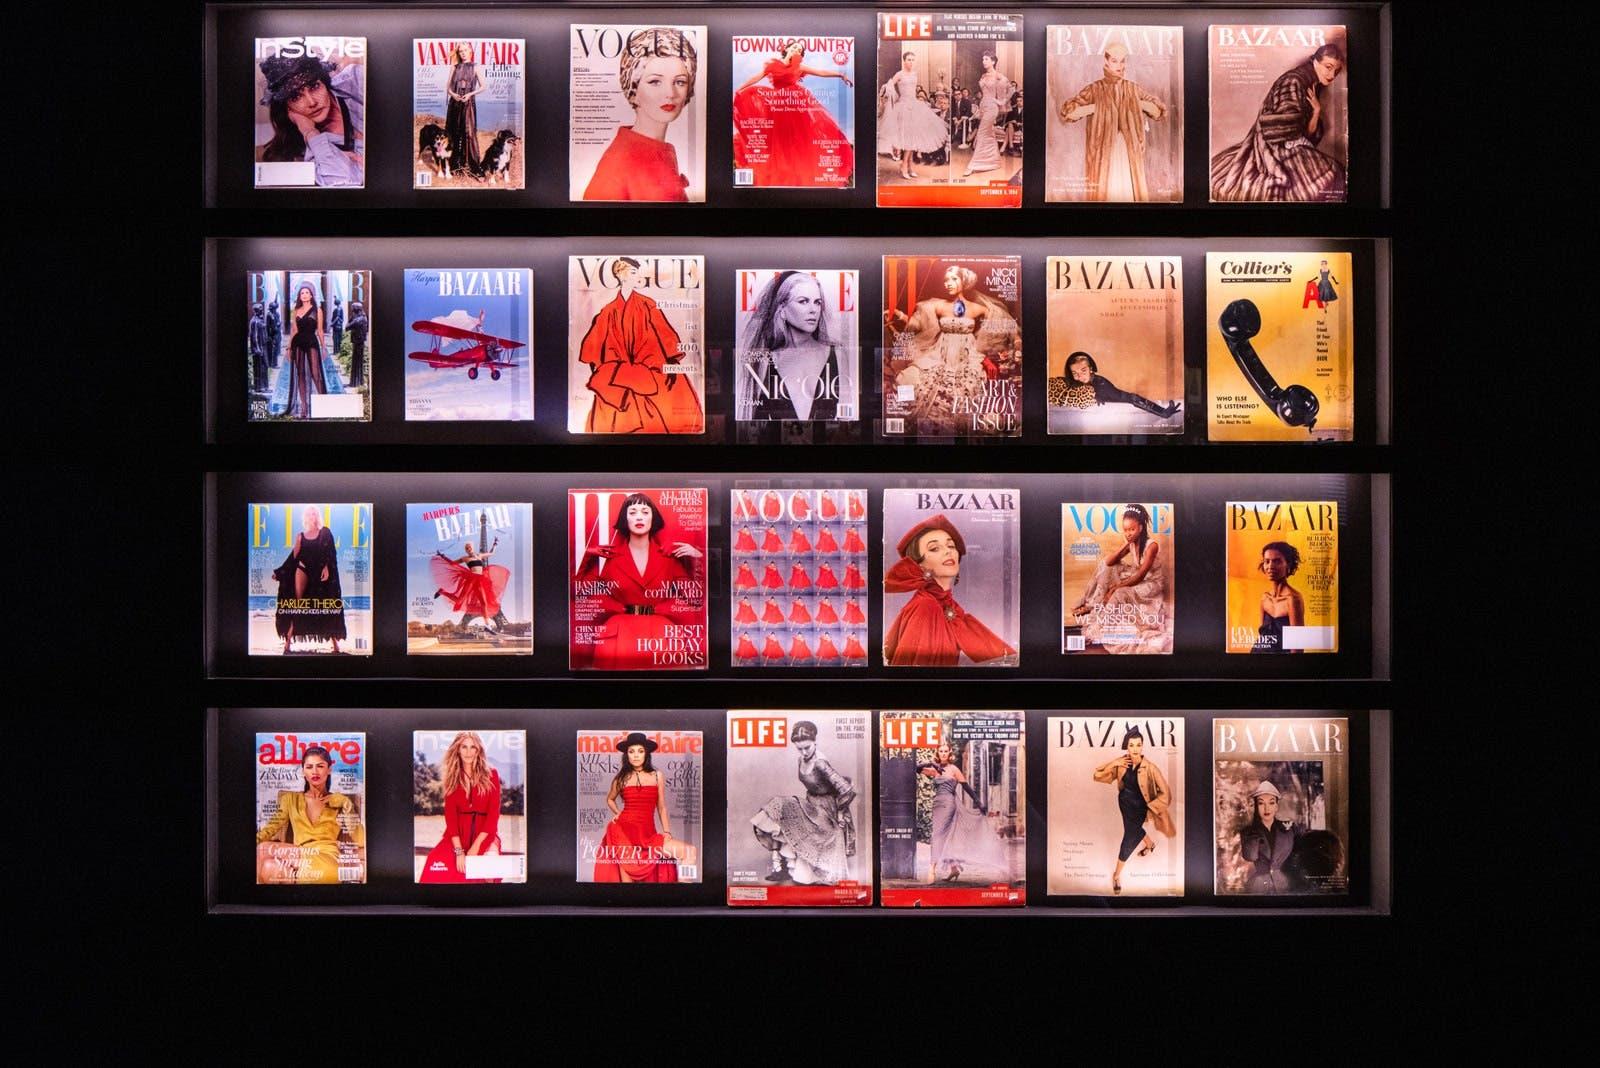 تصاميم ديور على أغلفة أشهر مجلات الموضة العالمية